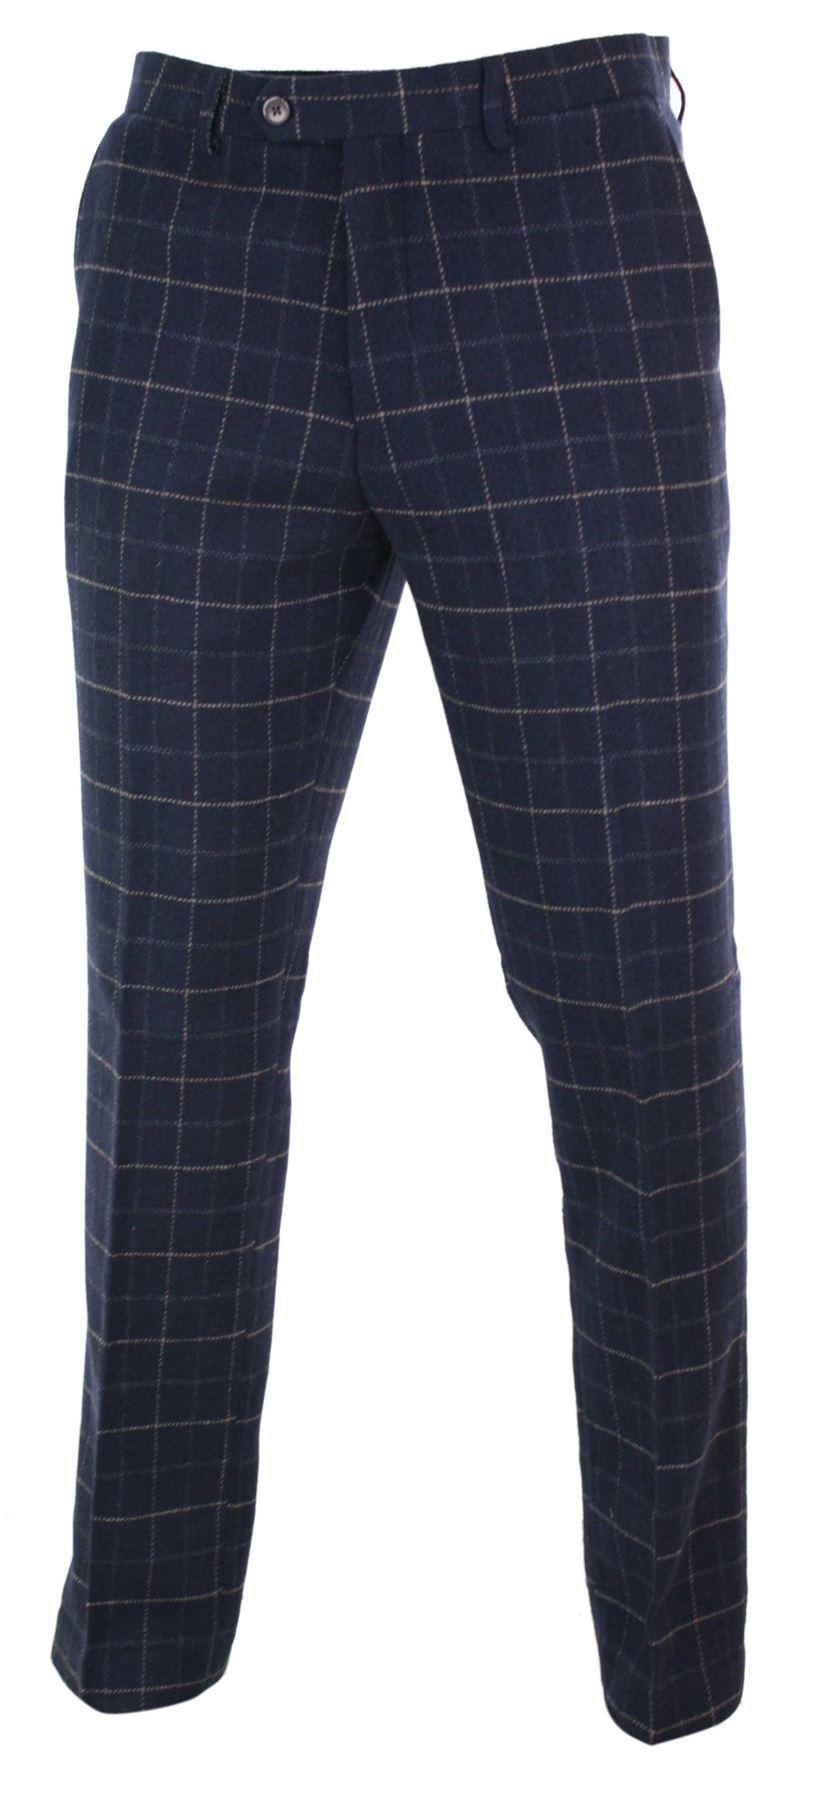 Mens-Herringbone-Tweed-Check-Peaky-Blinders-Trousers-Wool-Vintage-Classic-Retro thumbnail 16